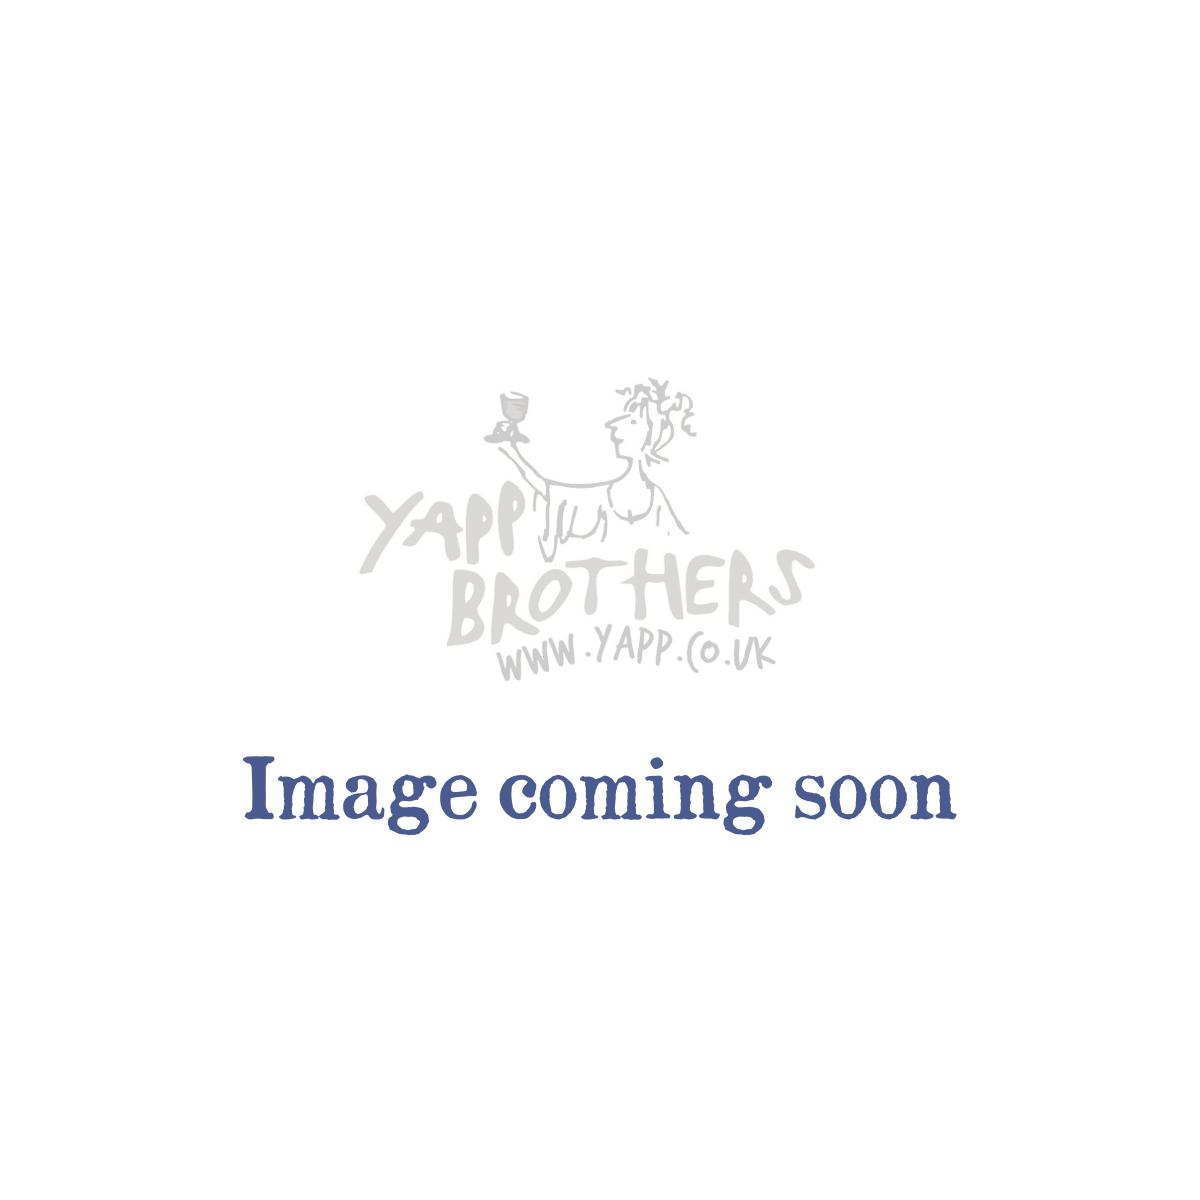 Bierzo: Antoine Graillot & Raúl Pérez 'Encinas' 2017 - Bottle Side Label